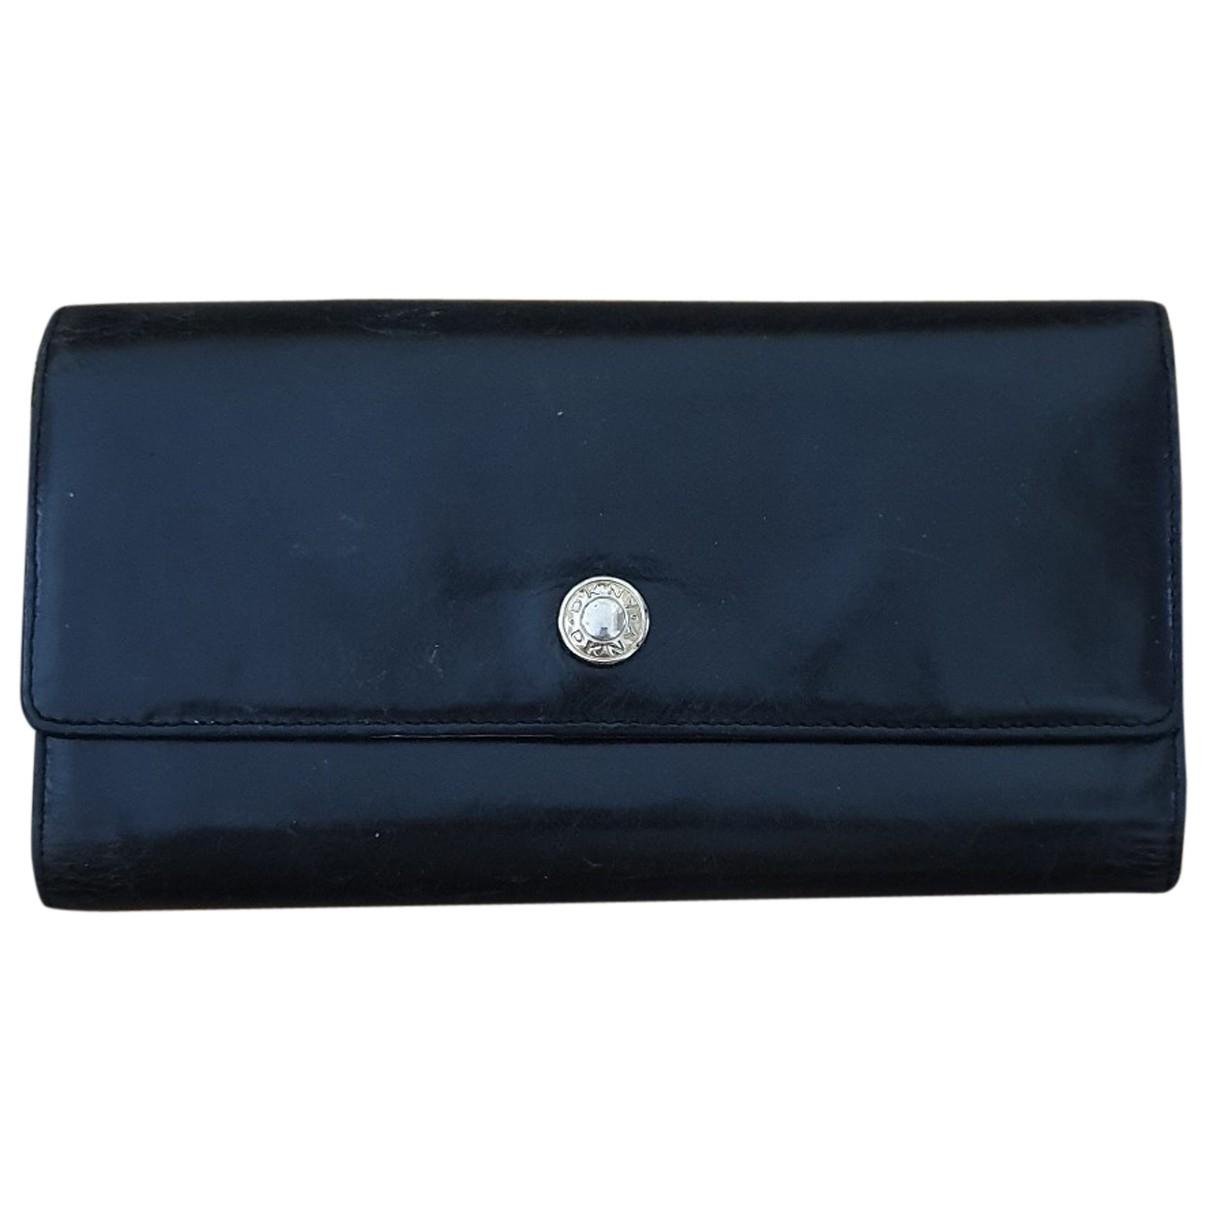 Dkny - Portefeuille   pour femme en cuir - noir